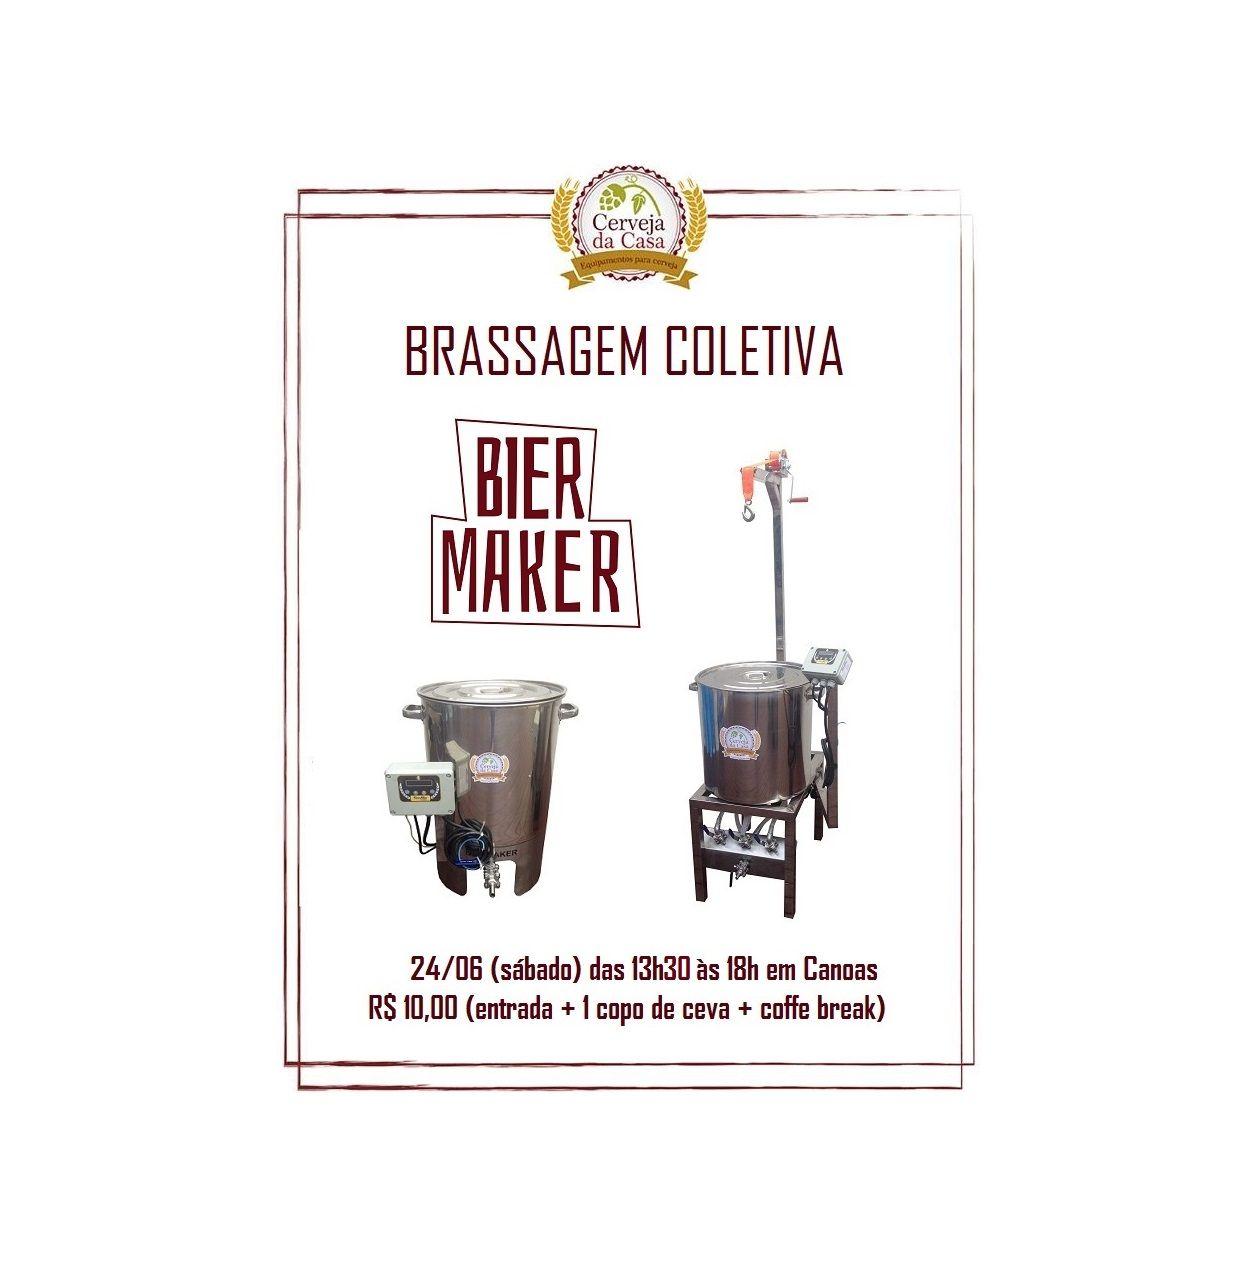 Brassagem Coletiva BierMaker 24/06/2017  - Cerveja da Casa